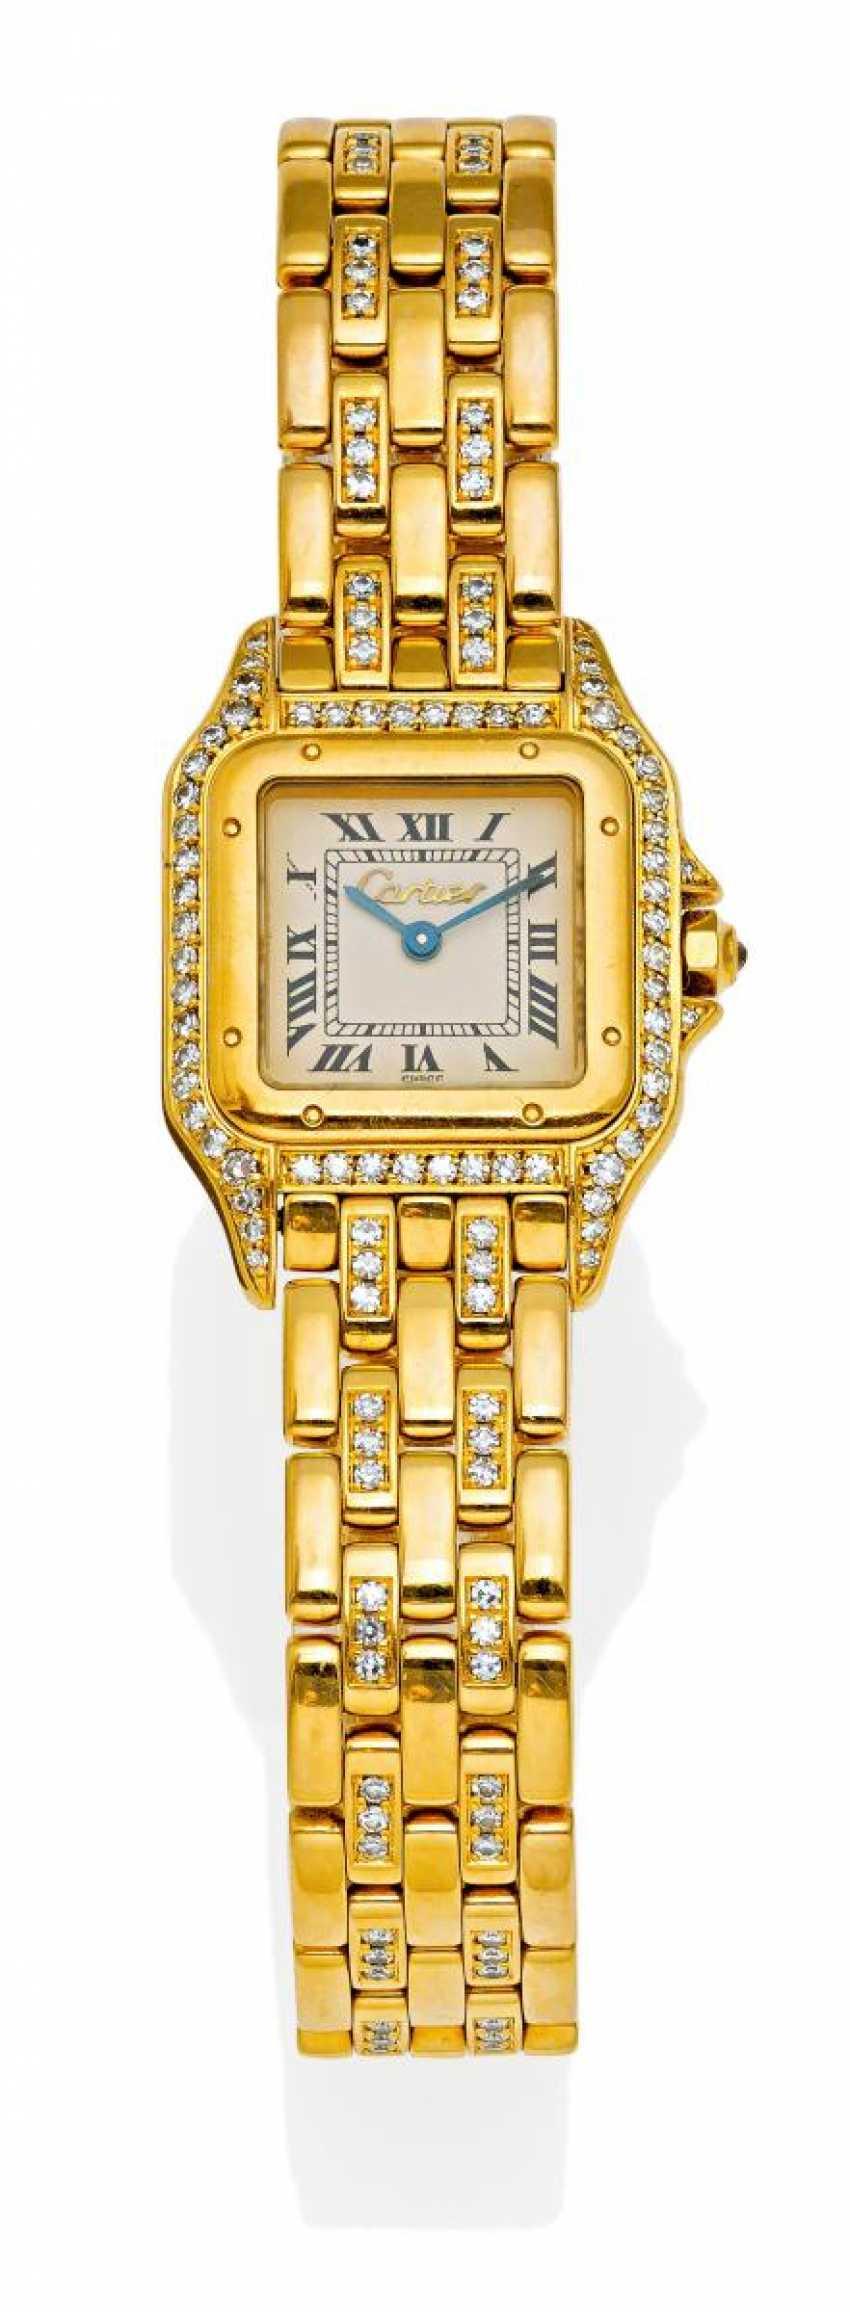 Wrist Watch Cartier, Switzerland. - photo 1